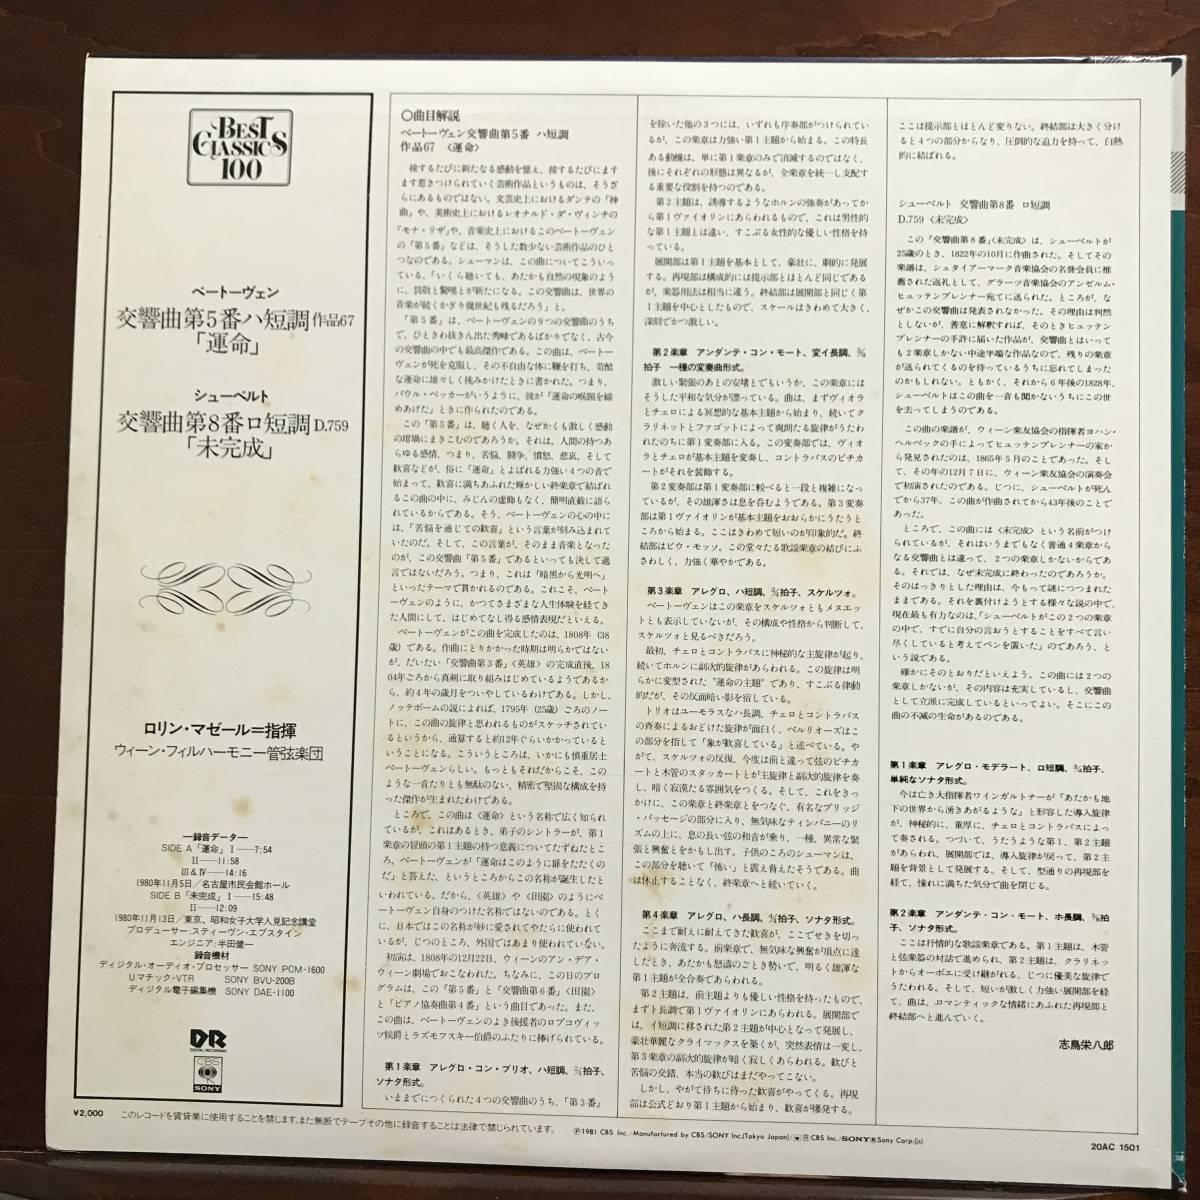 マゼール ベートーヴェン: 交響曲第5番「運命」, シューベルト:交響曲第8番「未完成」ウィーン・フィル★CBS SONY 国内 LP 高音質 _画像2